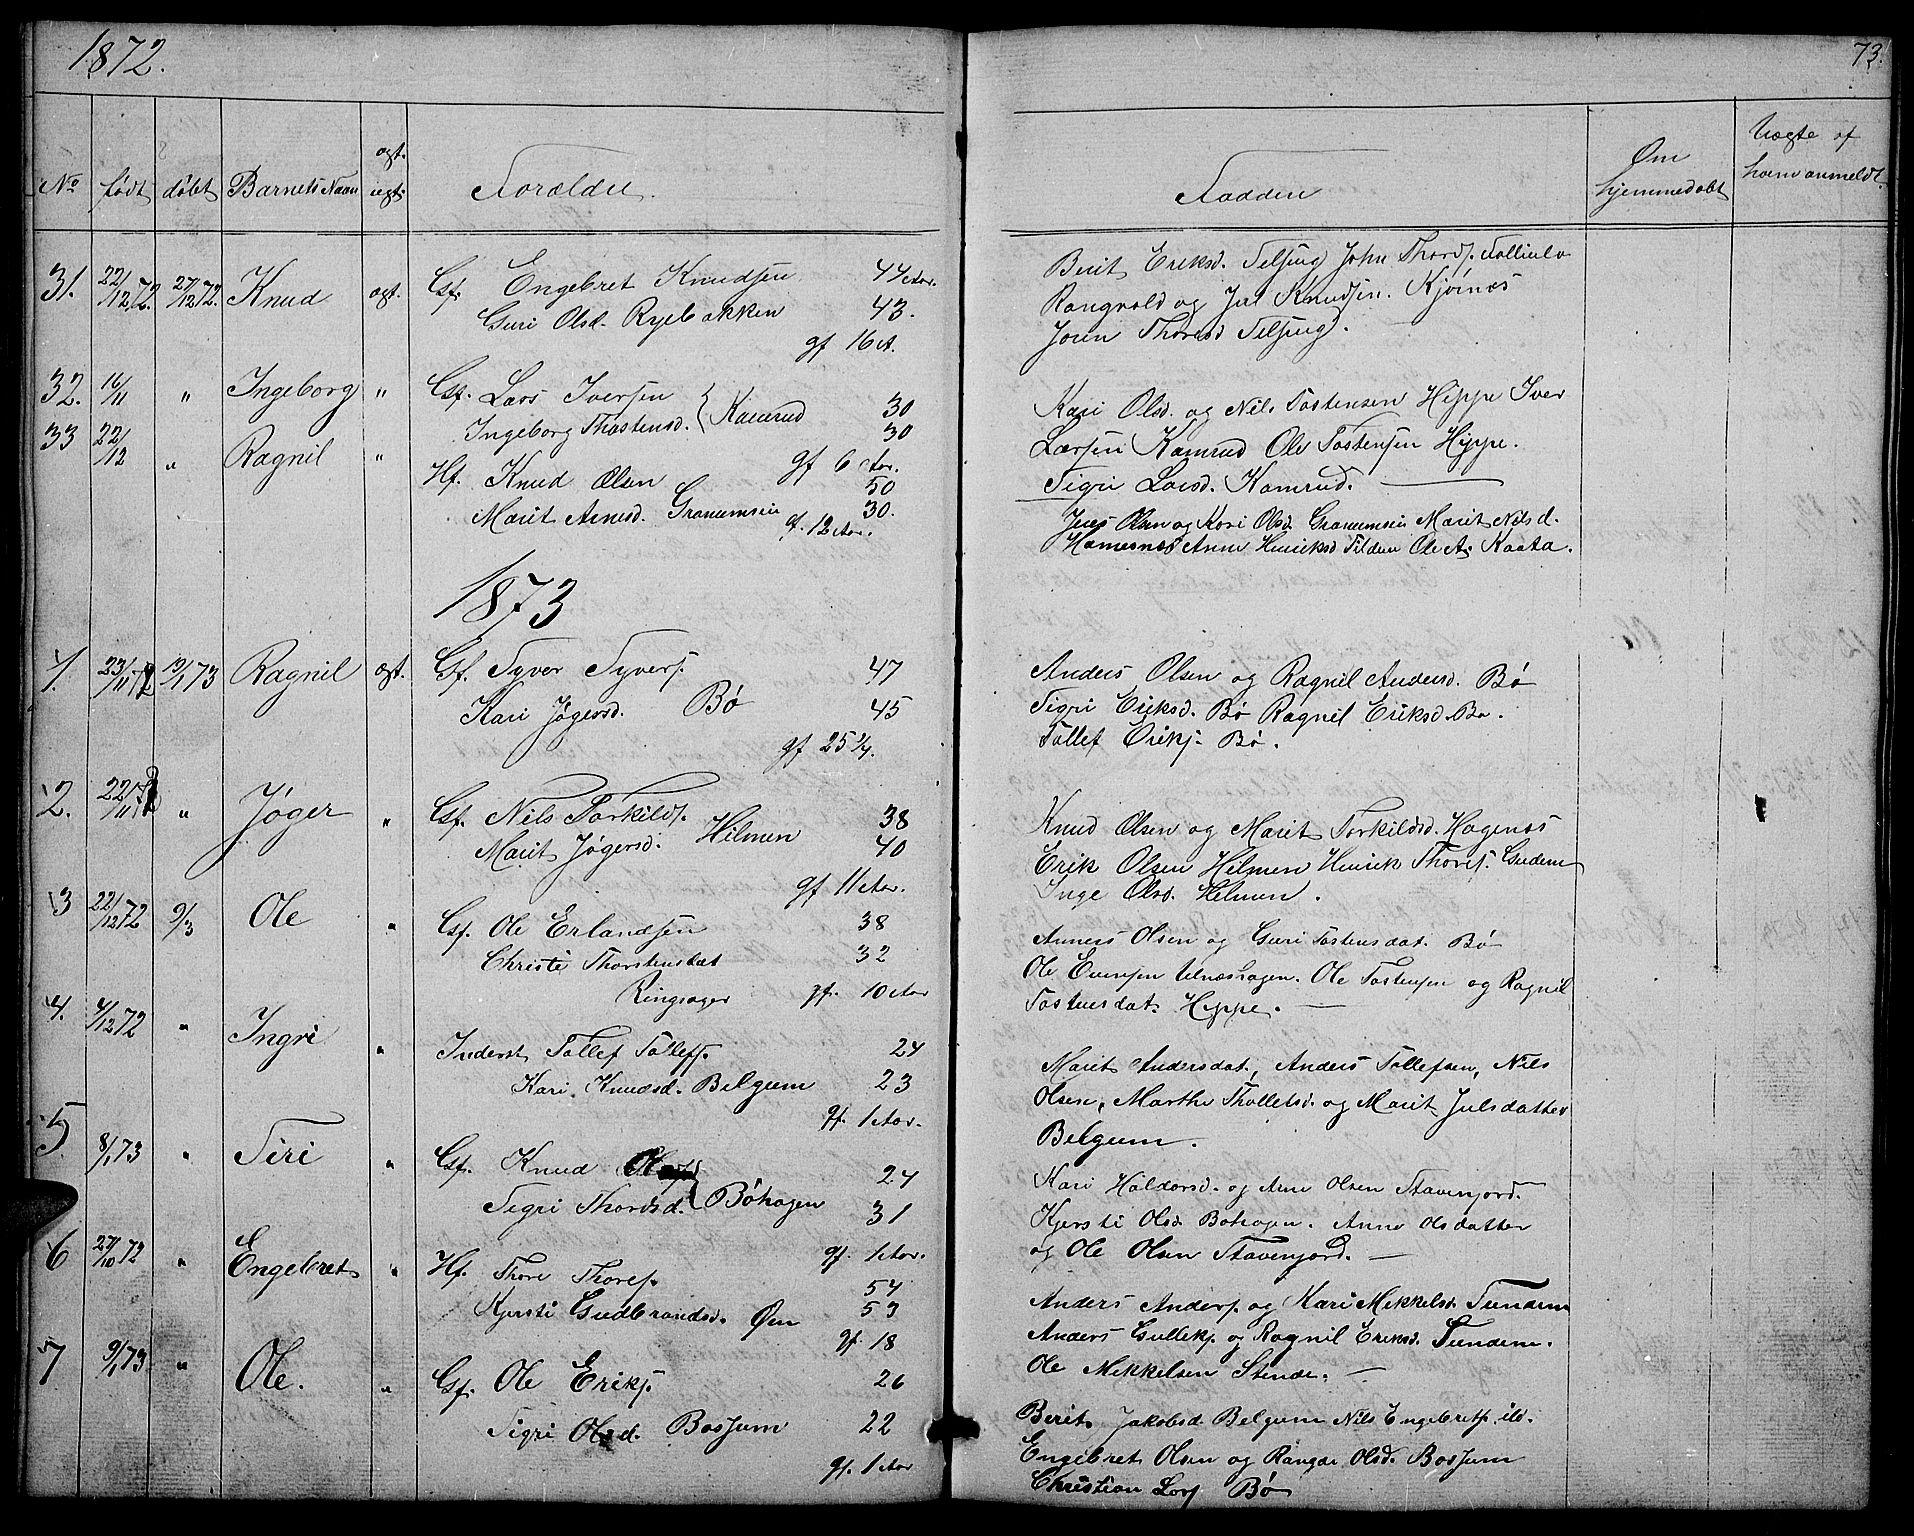 SAH, Nord-Aurdal prestekontor, Klokkerbok nr. 4, 1842-1882, s. 73